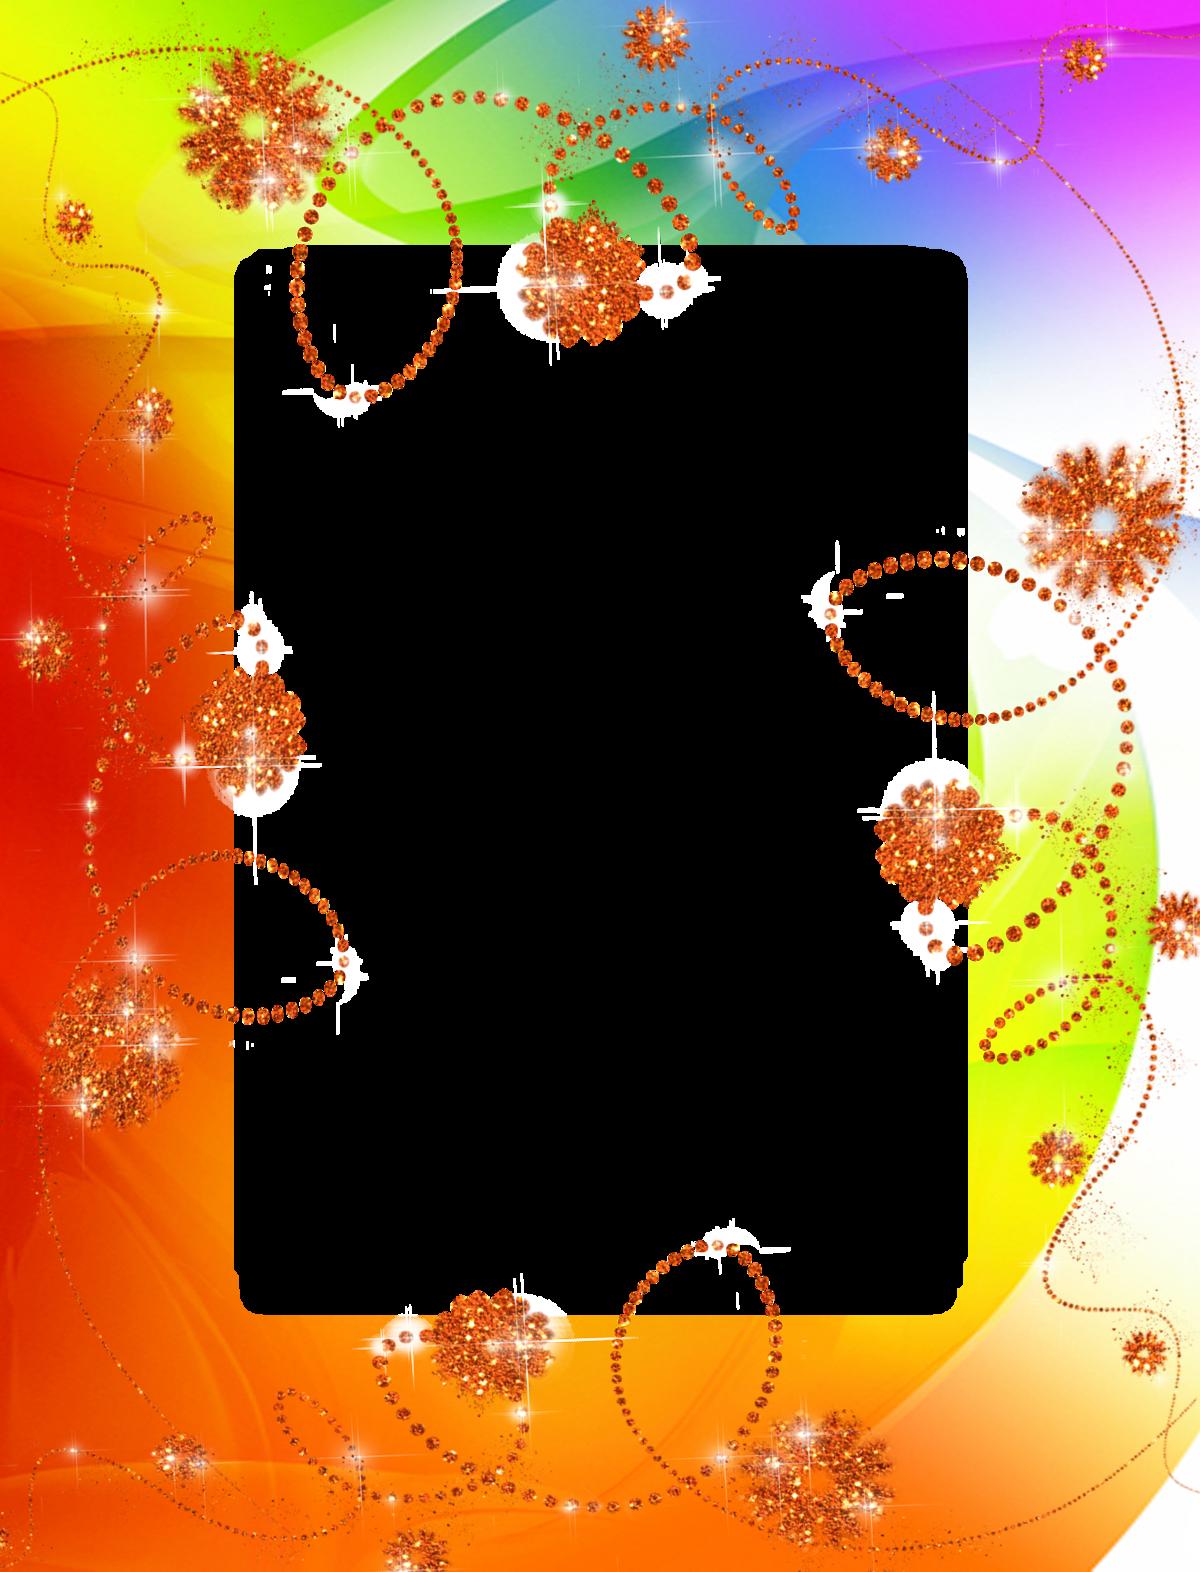 Рамки для поздравлений в ворде шаблоны